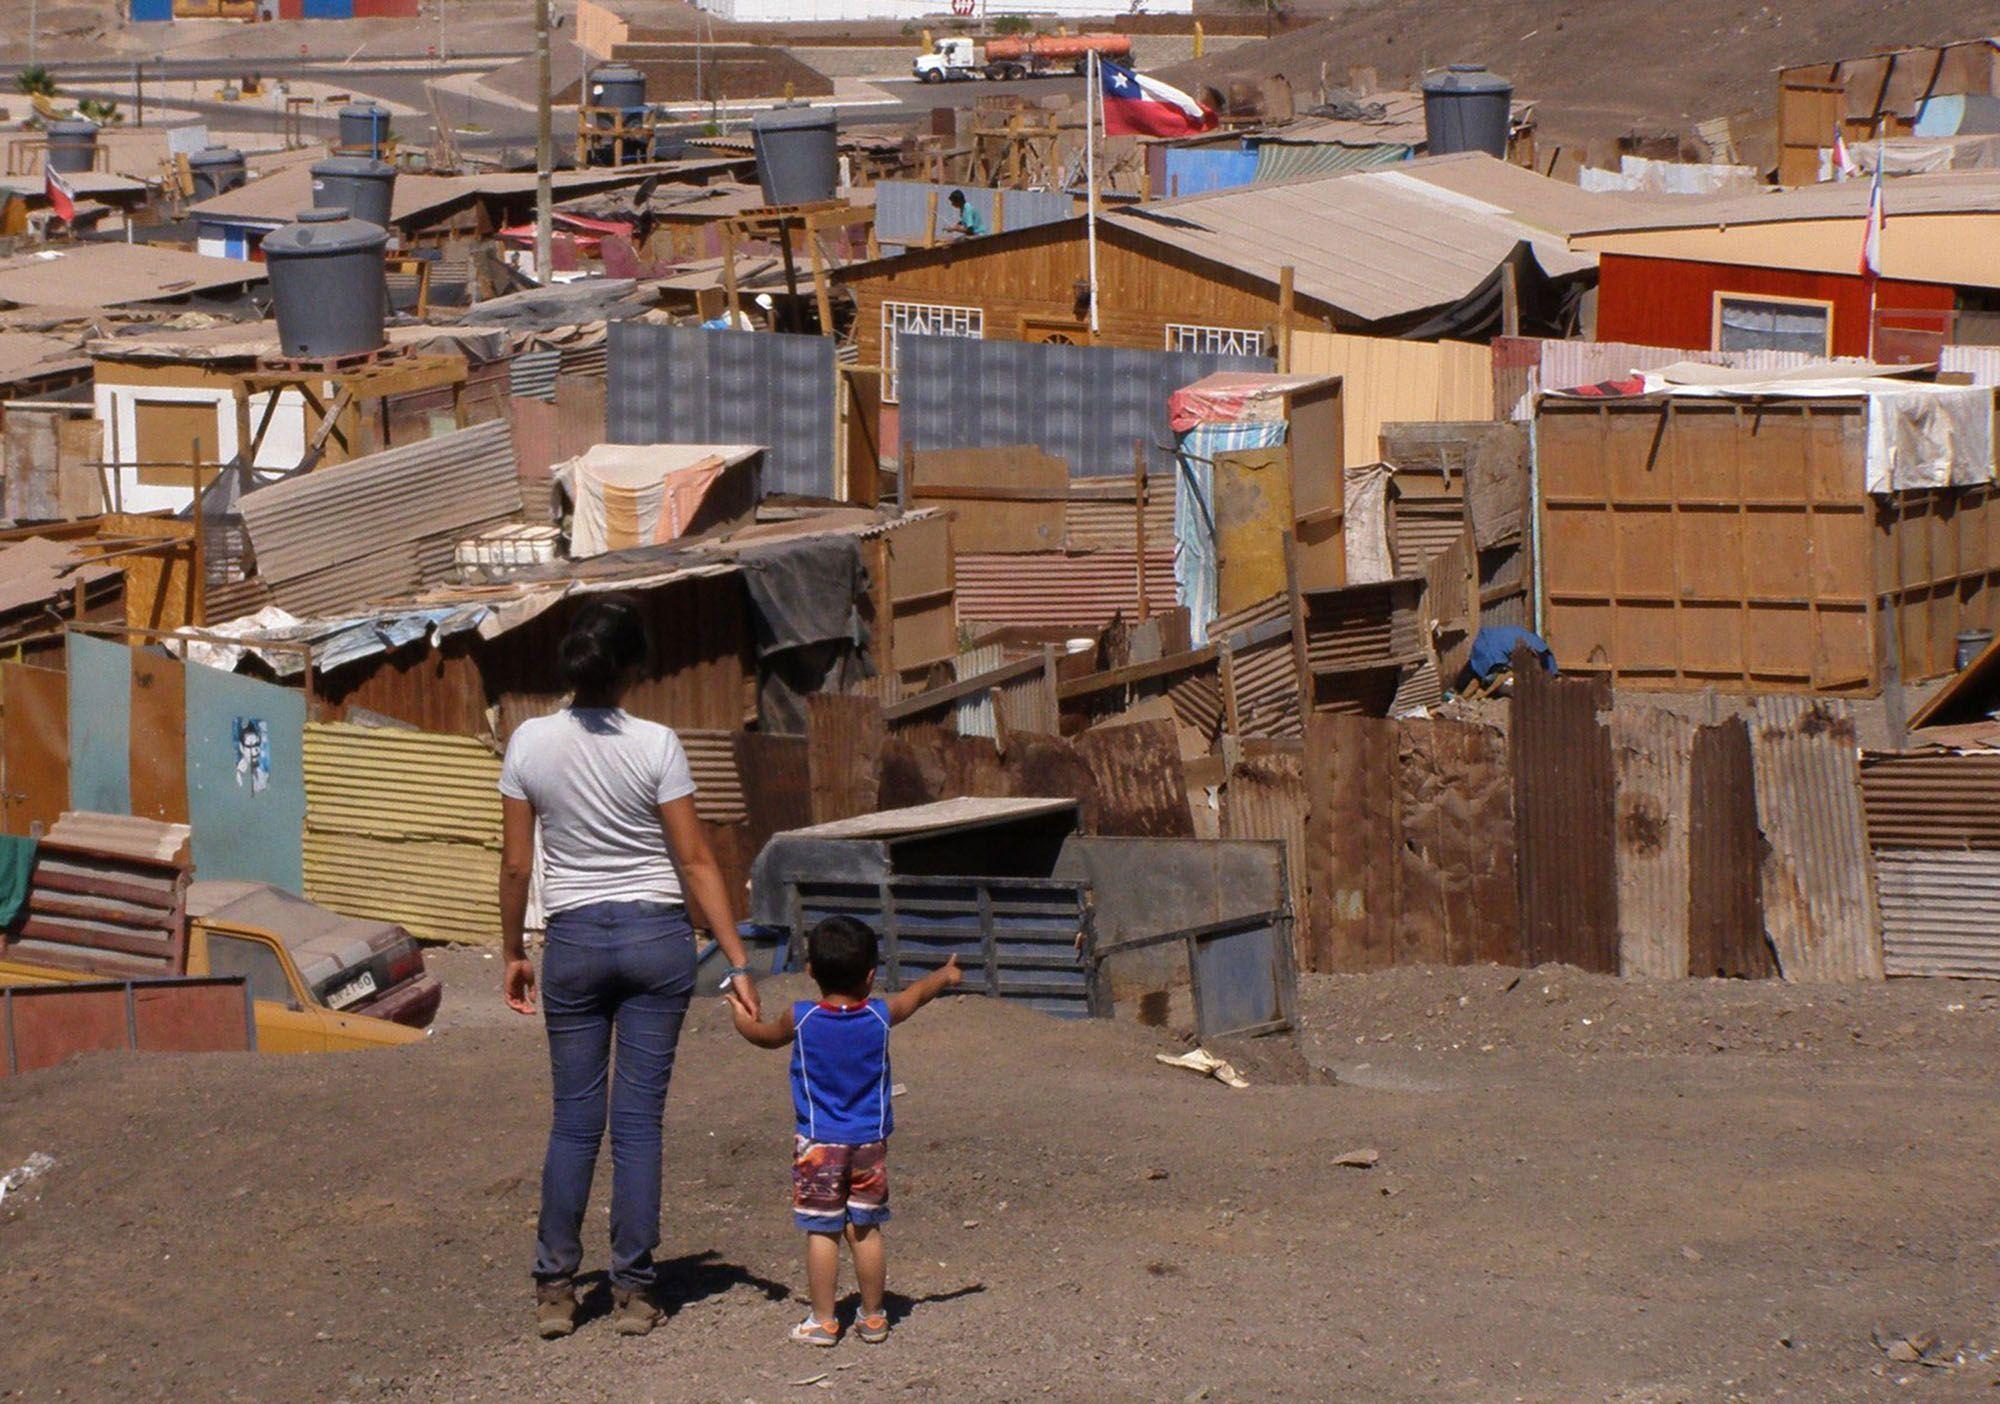 Hasta 18 años menos de esperanza de vida: estudio en Latinoamérica revela el alcance de la desigualdad